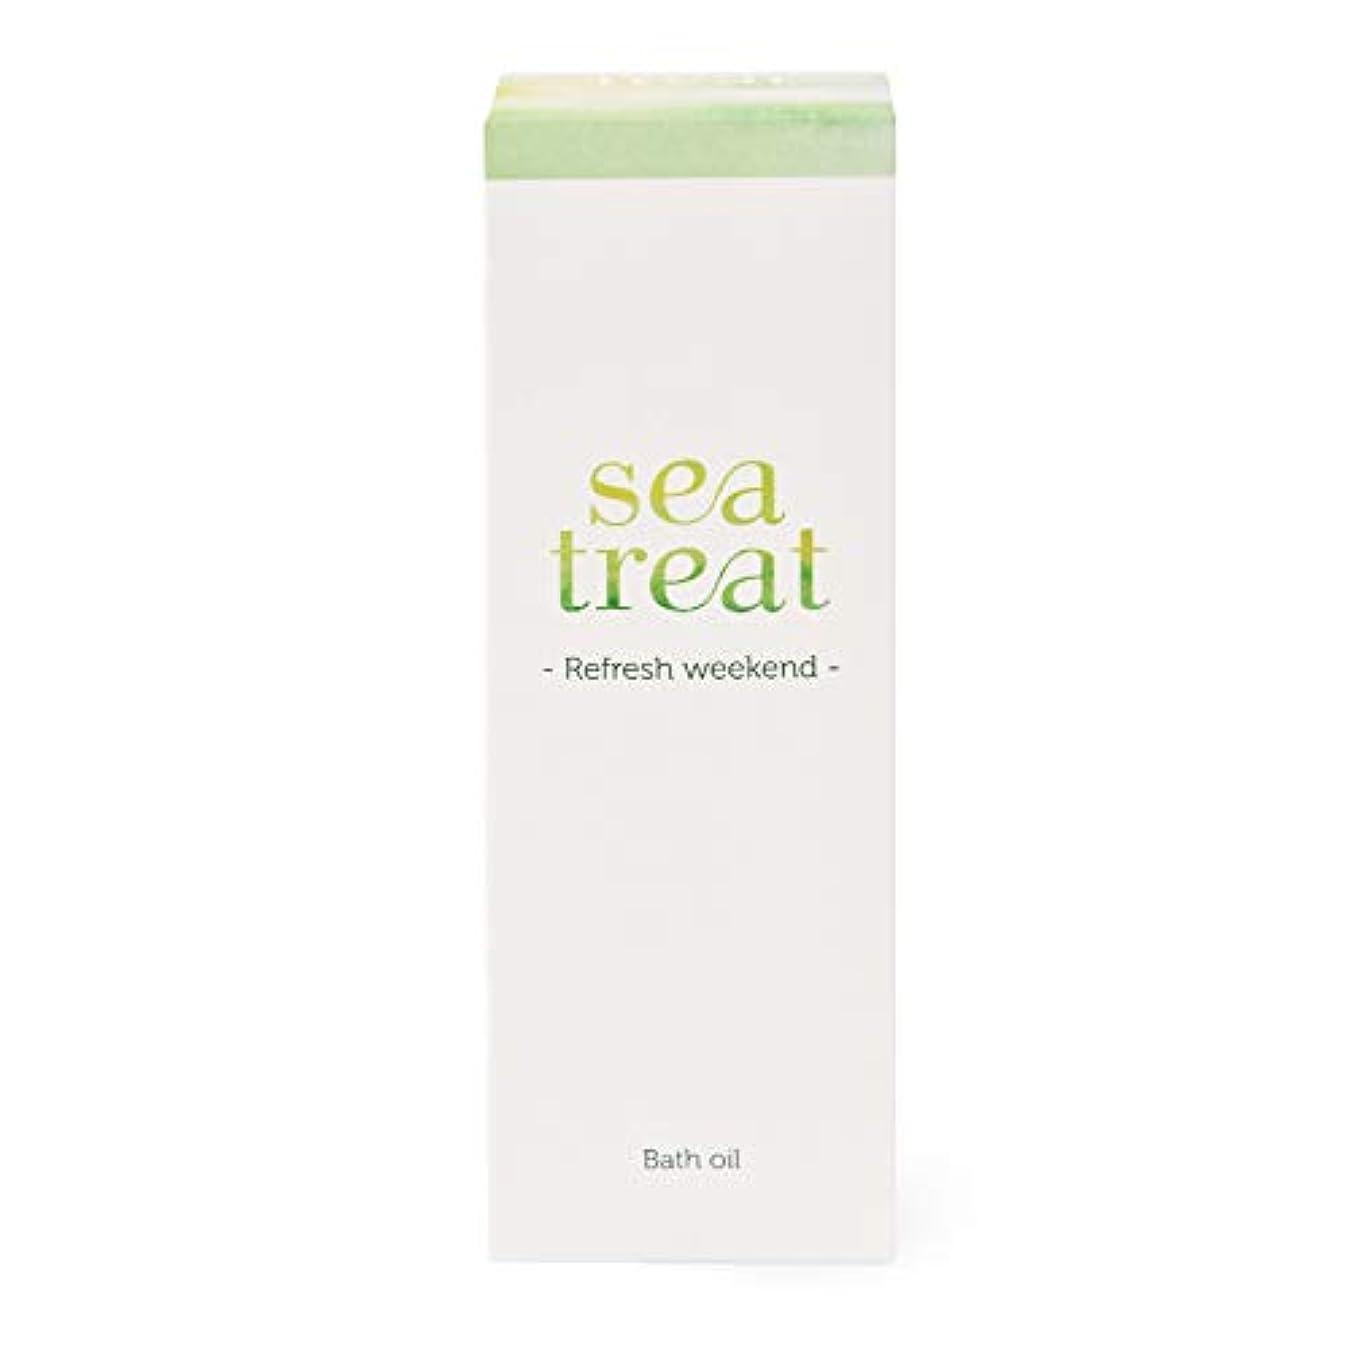 ぐるぐるコントロール抜け目のないsea treat バスオイル 入浴剤 -Refresh weekend- グレープフルーツ?ローズマリー?ラベンダー?レモングラスの香り